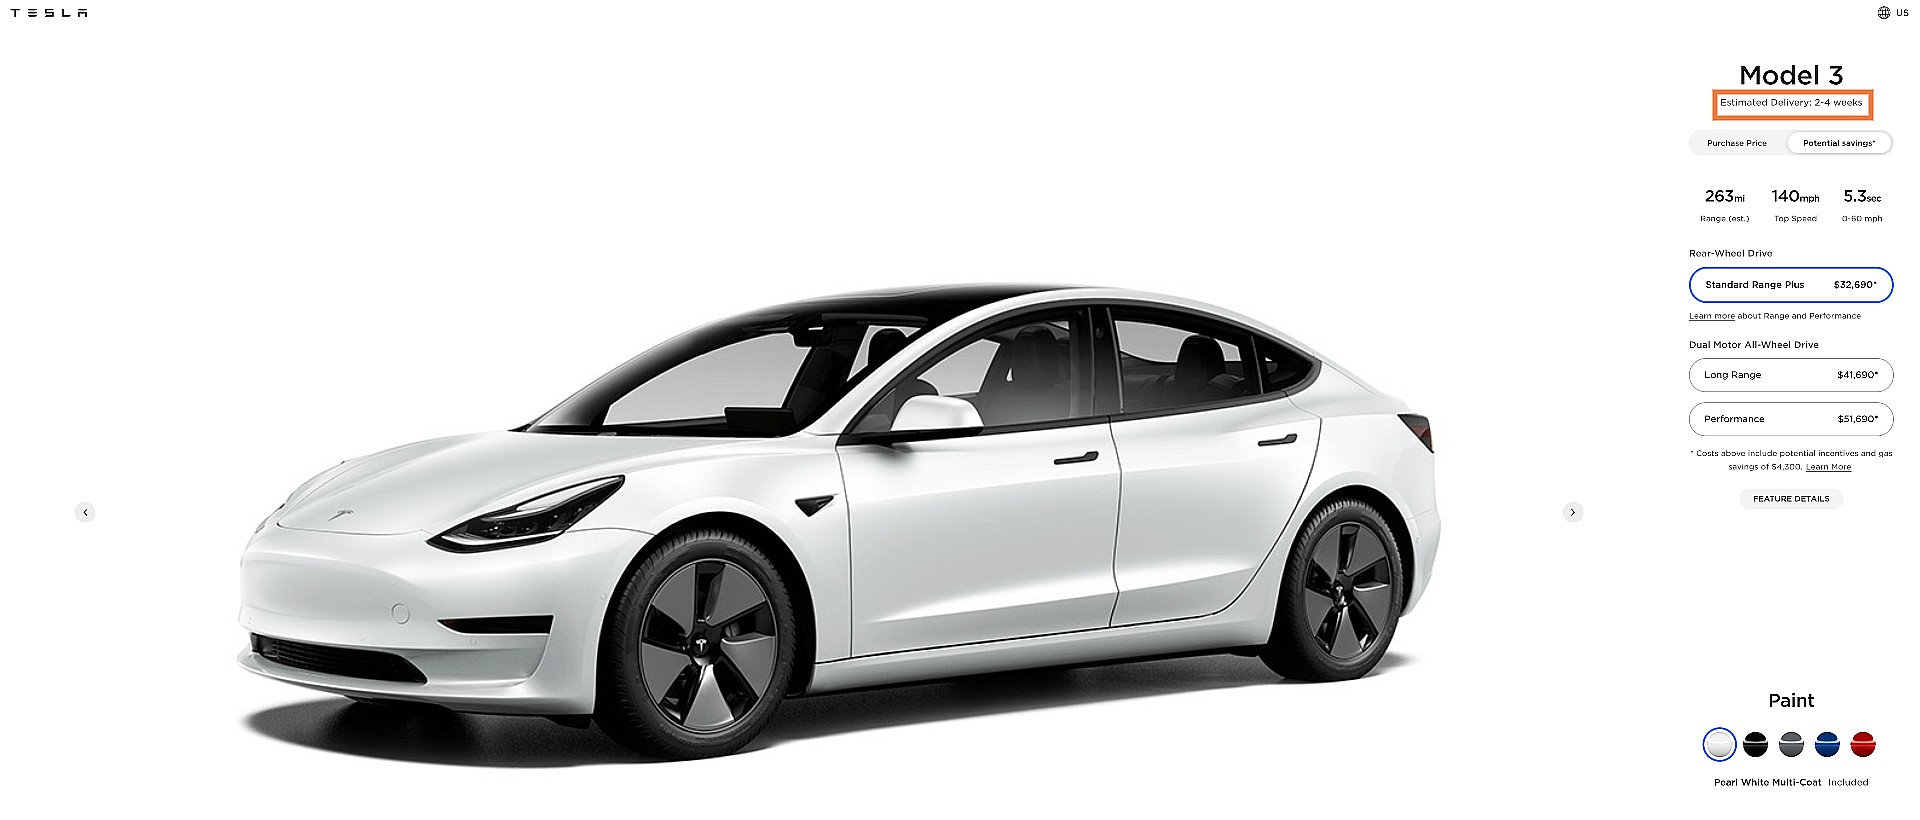 tesla-model-3-delivery-time-frame-q1-2021-push